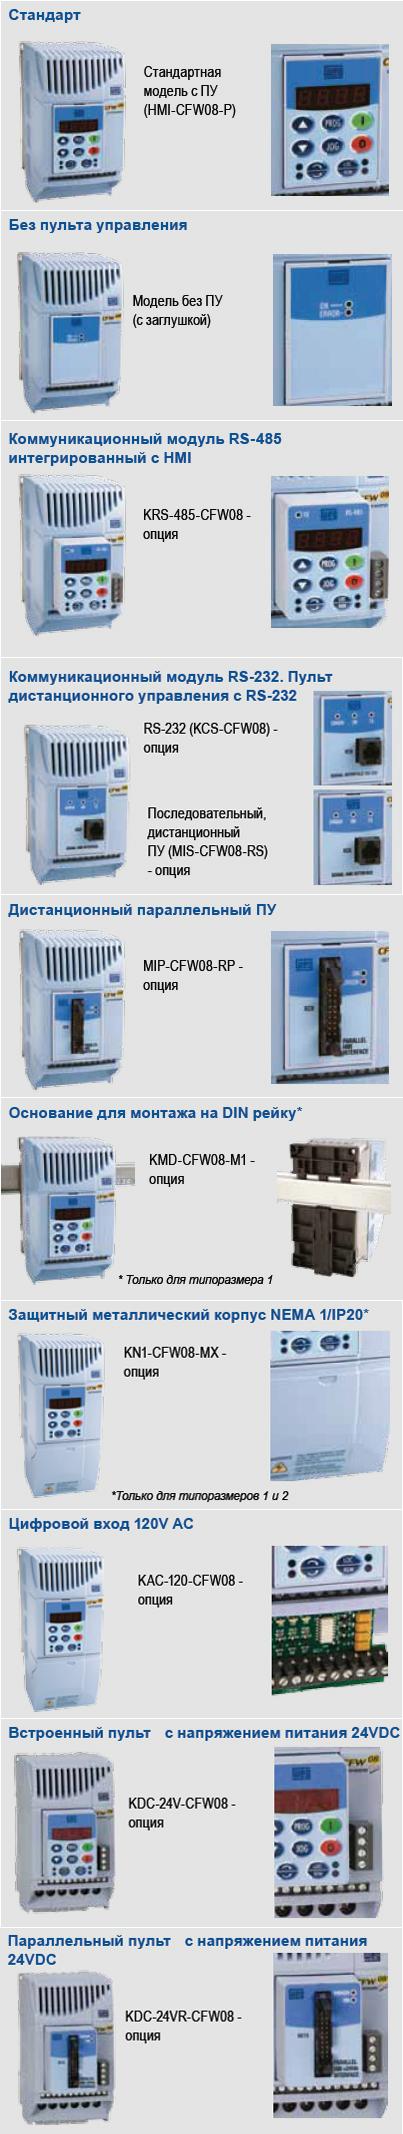 частотные преобразователи, преобразователи частоты